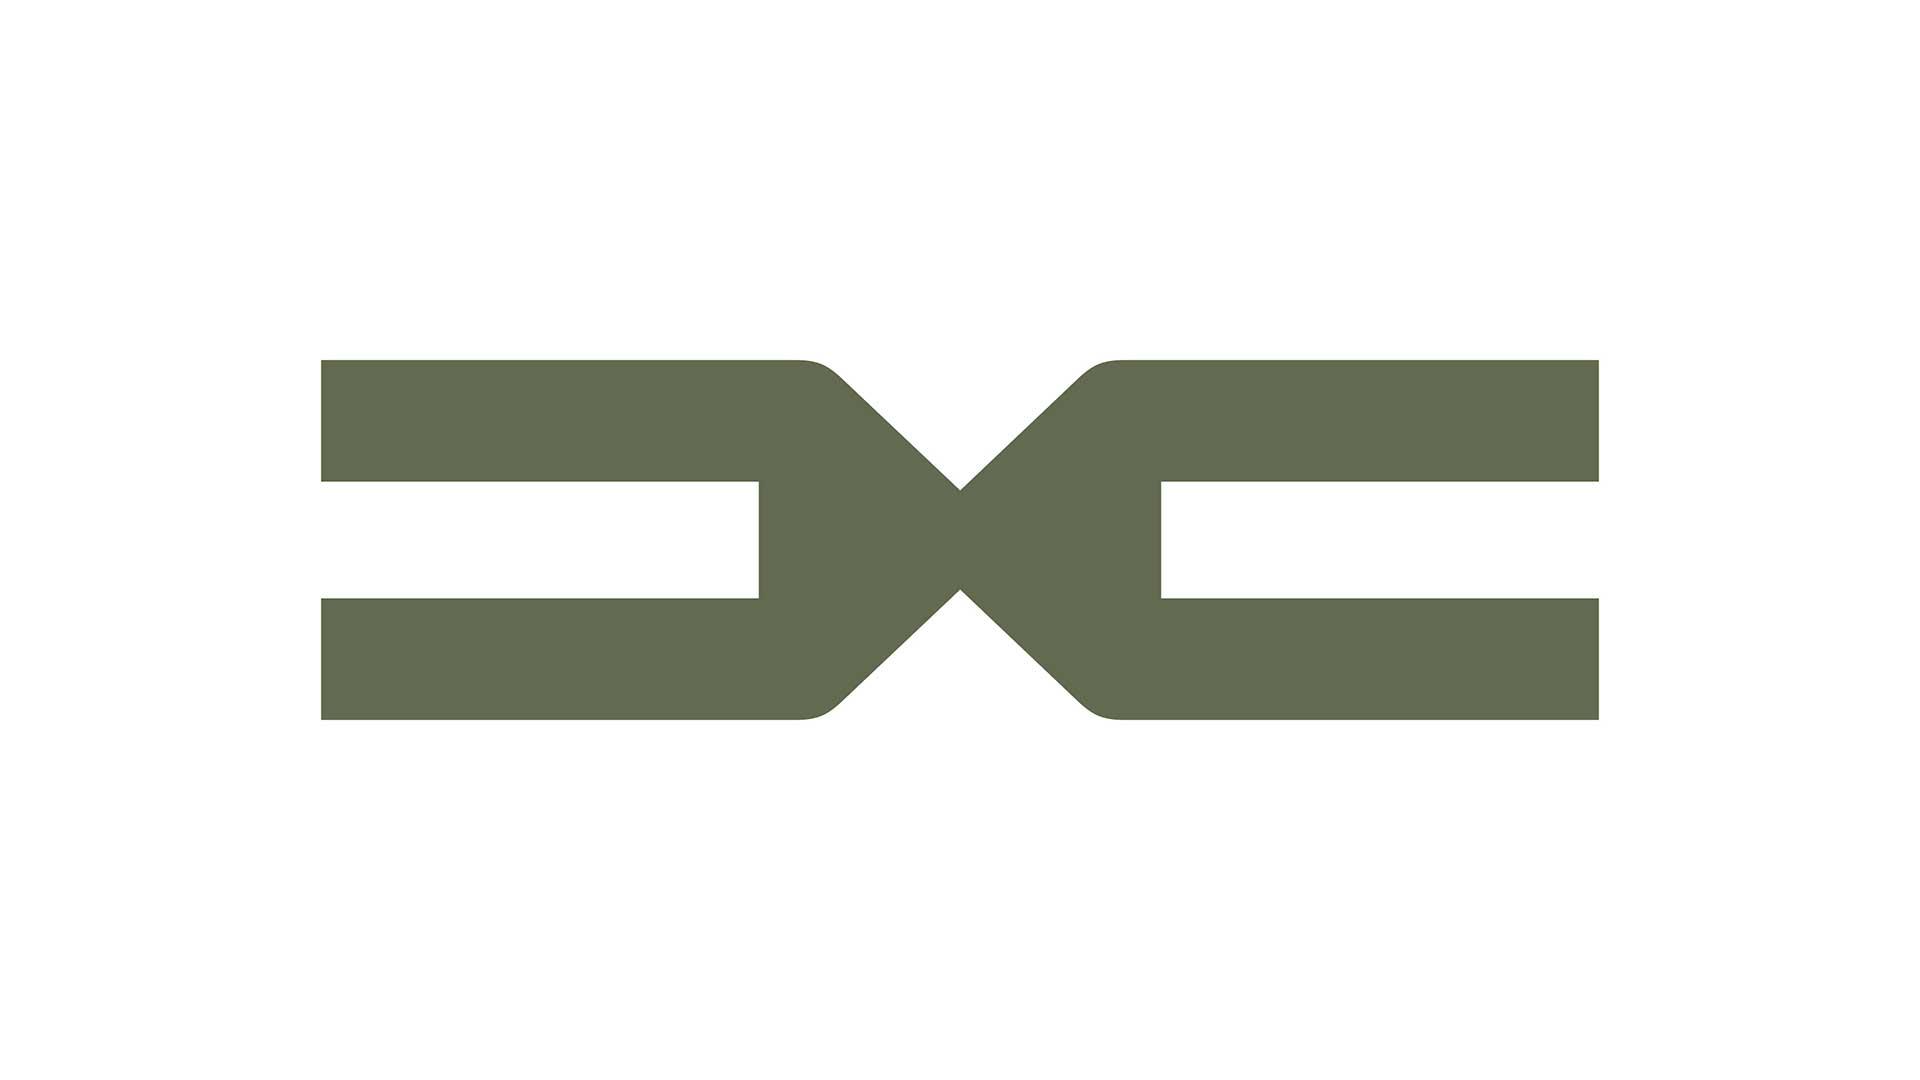 Nuevo emblema y logotipo de Dacia: todo al verde